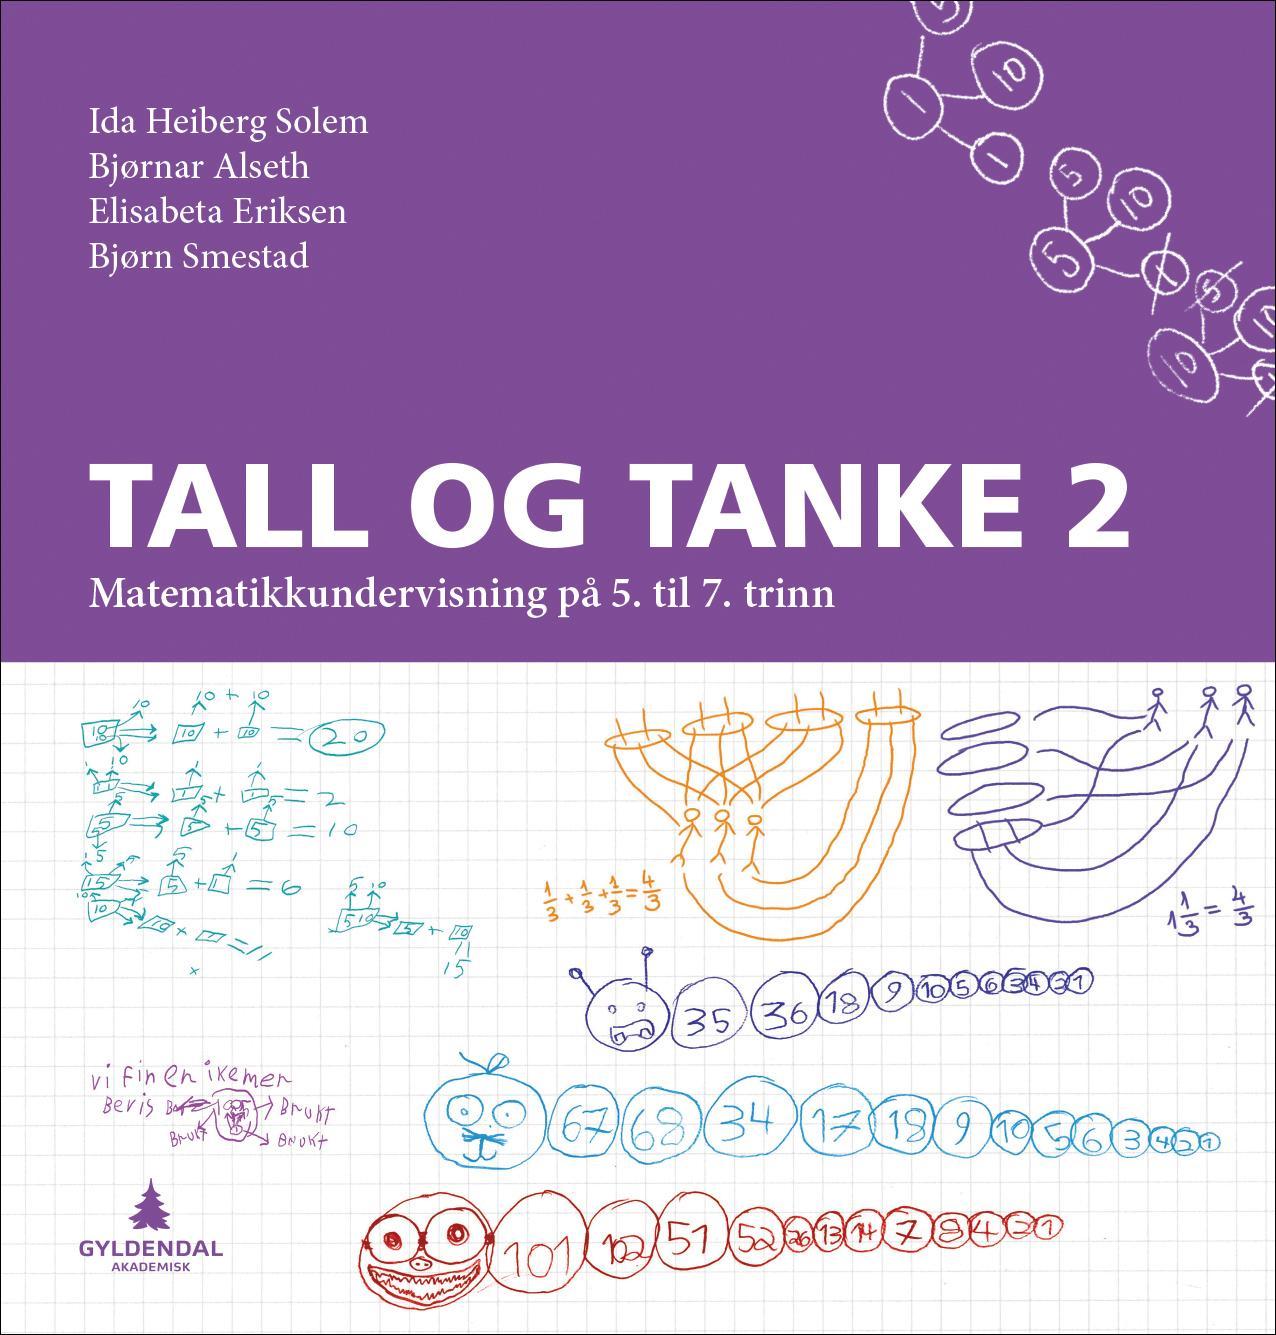 """""""Tall og tanke 2 - matematikkundervisning på 5. til 7. trinn"""" av Ida Heiberg Solem"""